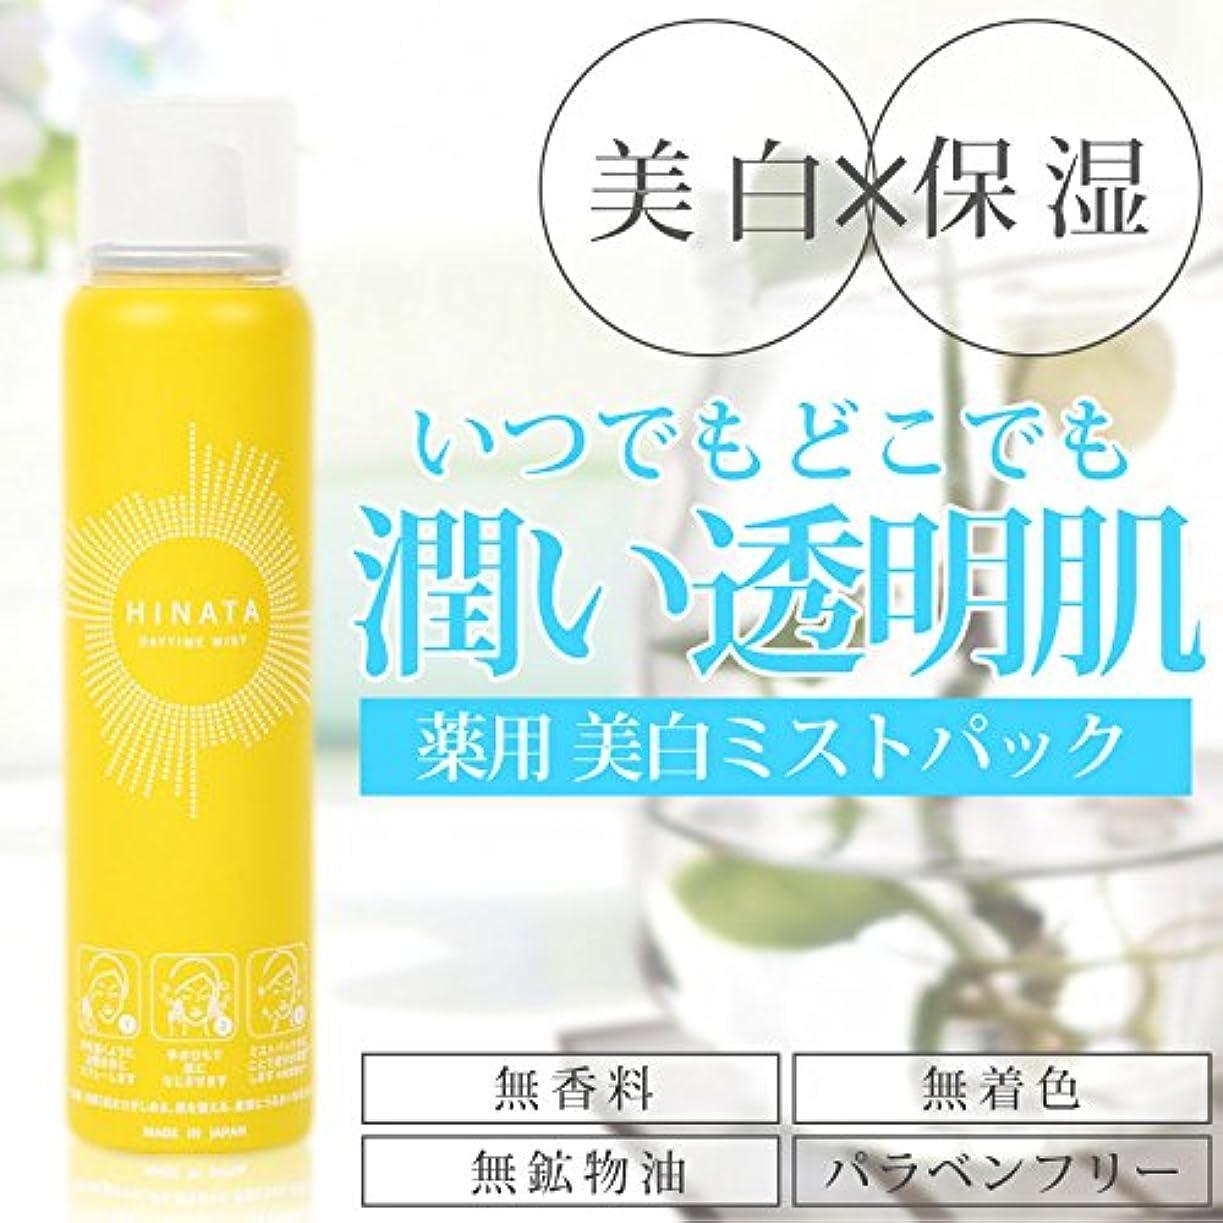 会員ユーザー混乱させる化粧水 ヒナタ 医薬部外品 ミストパック ミストスプレー 美白